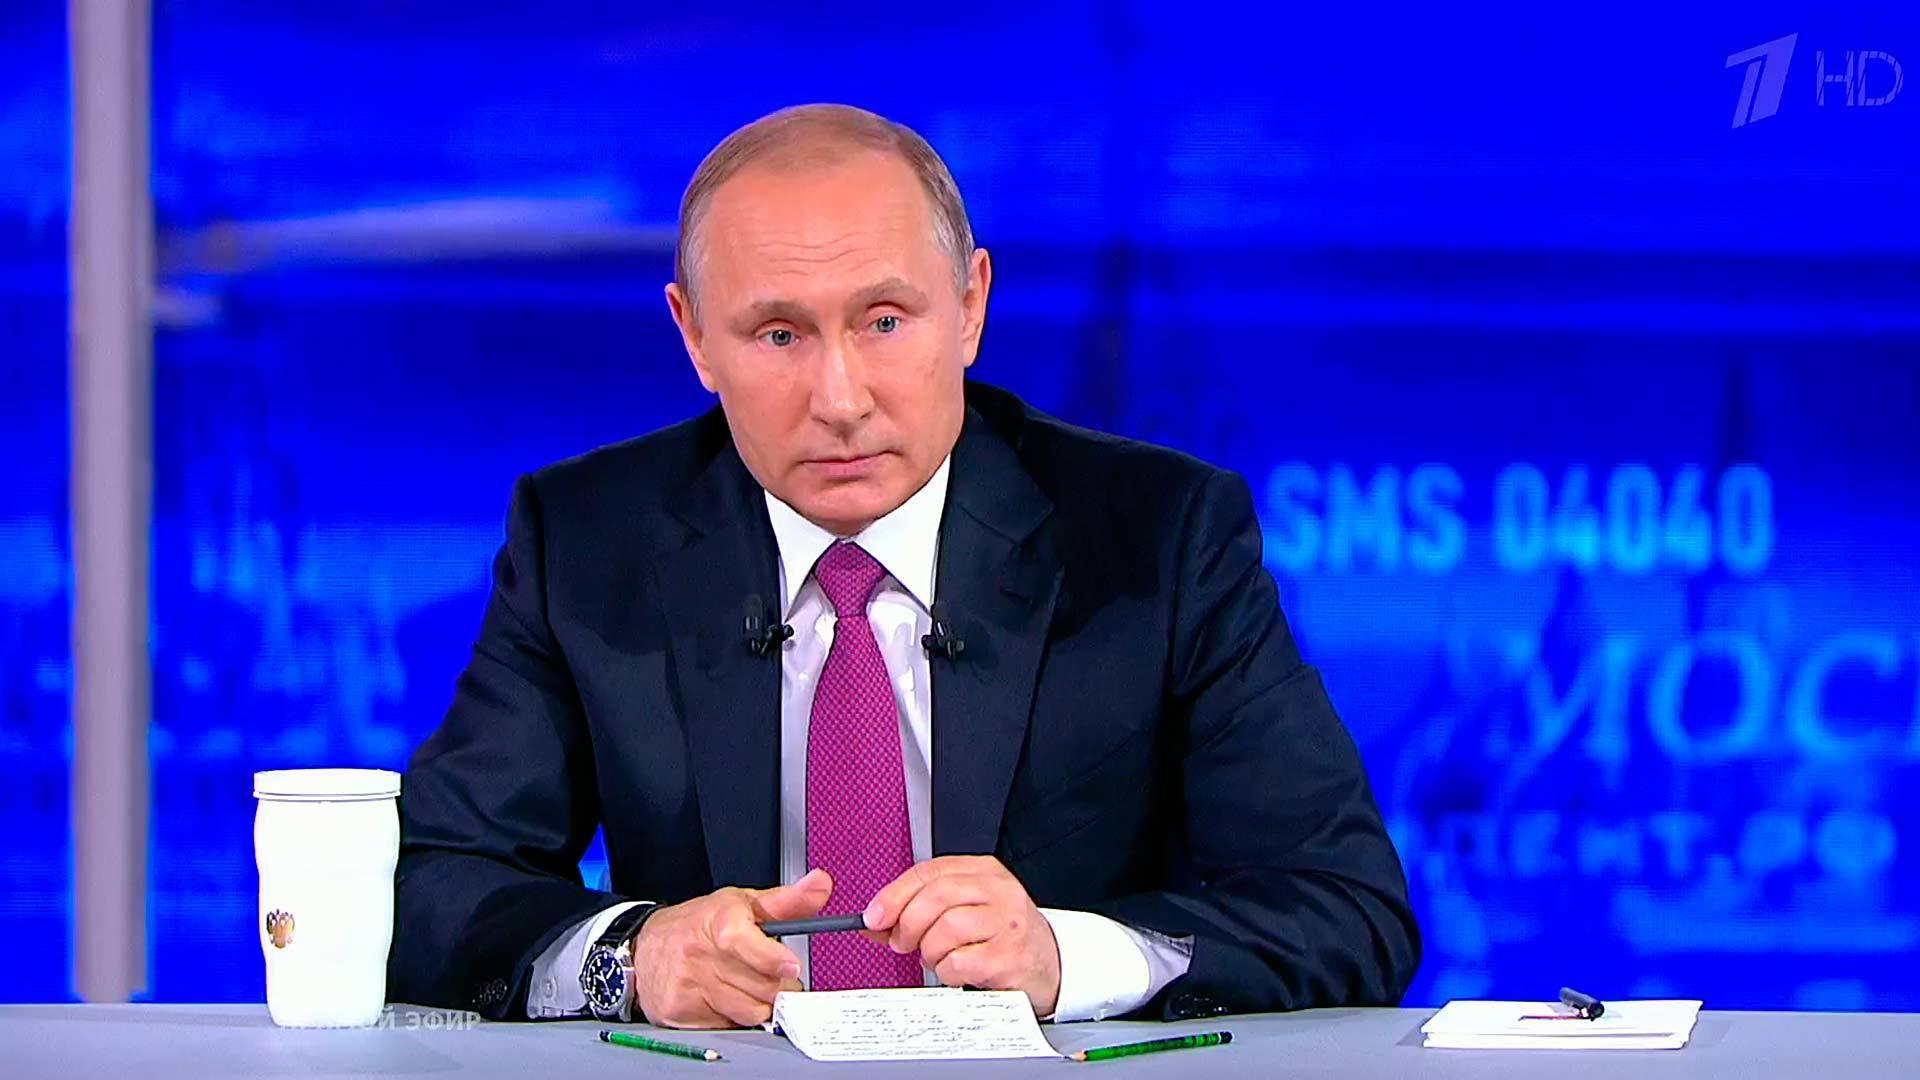 Смотреть онлайн выпуск новостей скат слободского